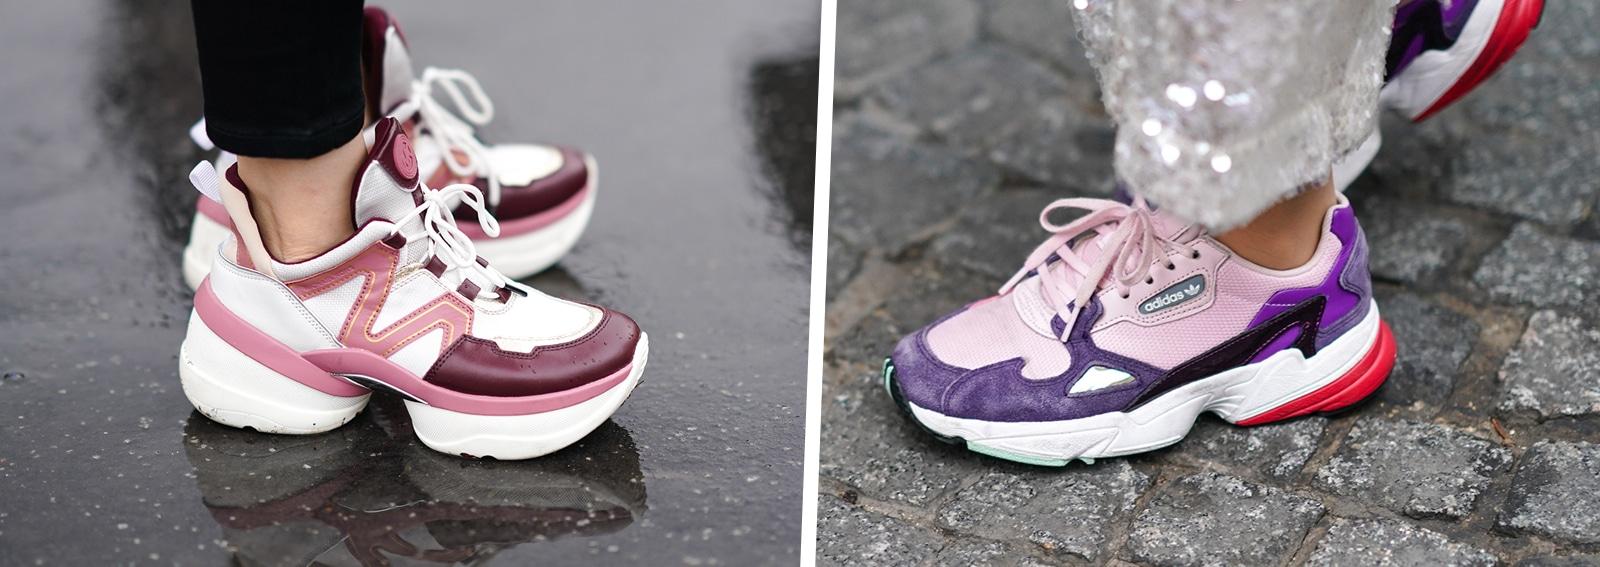 DESKTOP_Chunky_sneakers